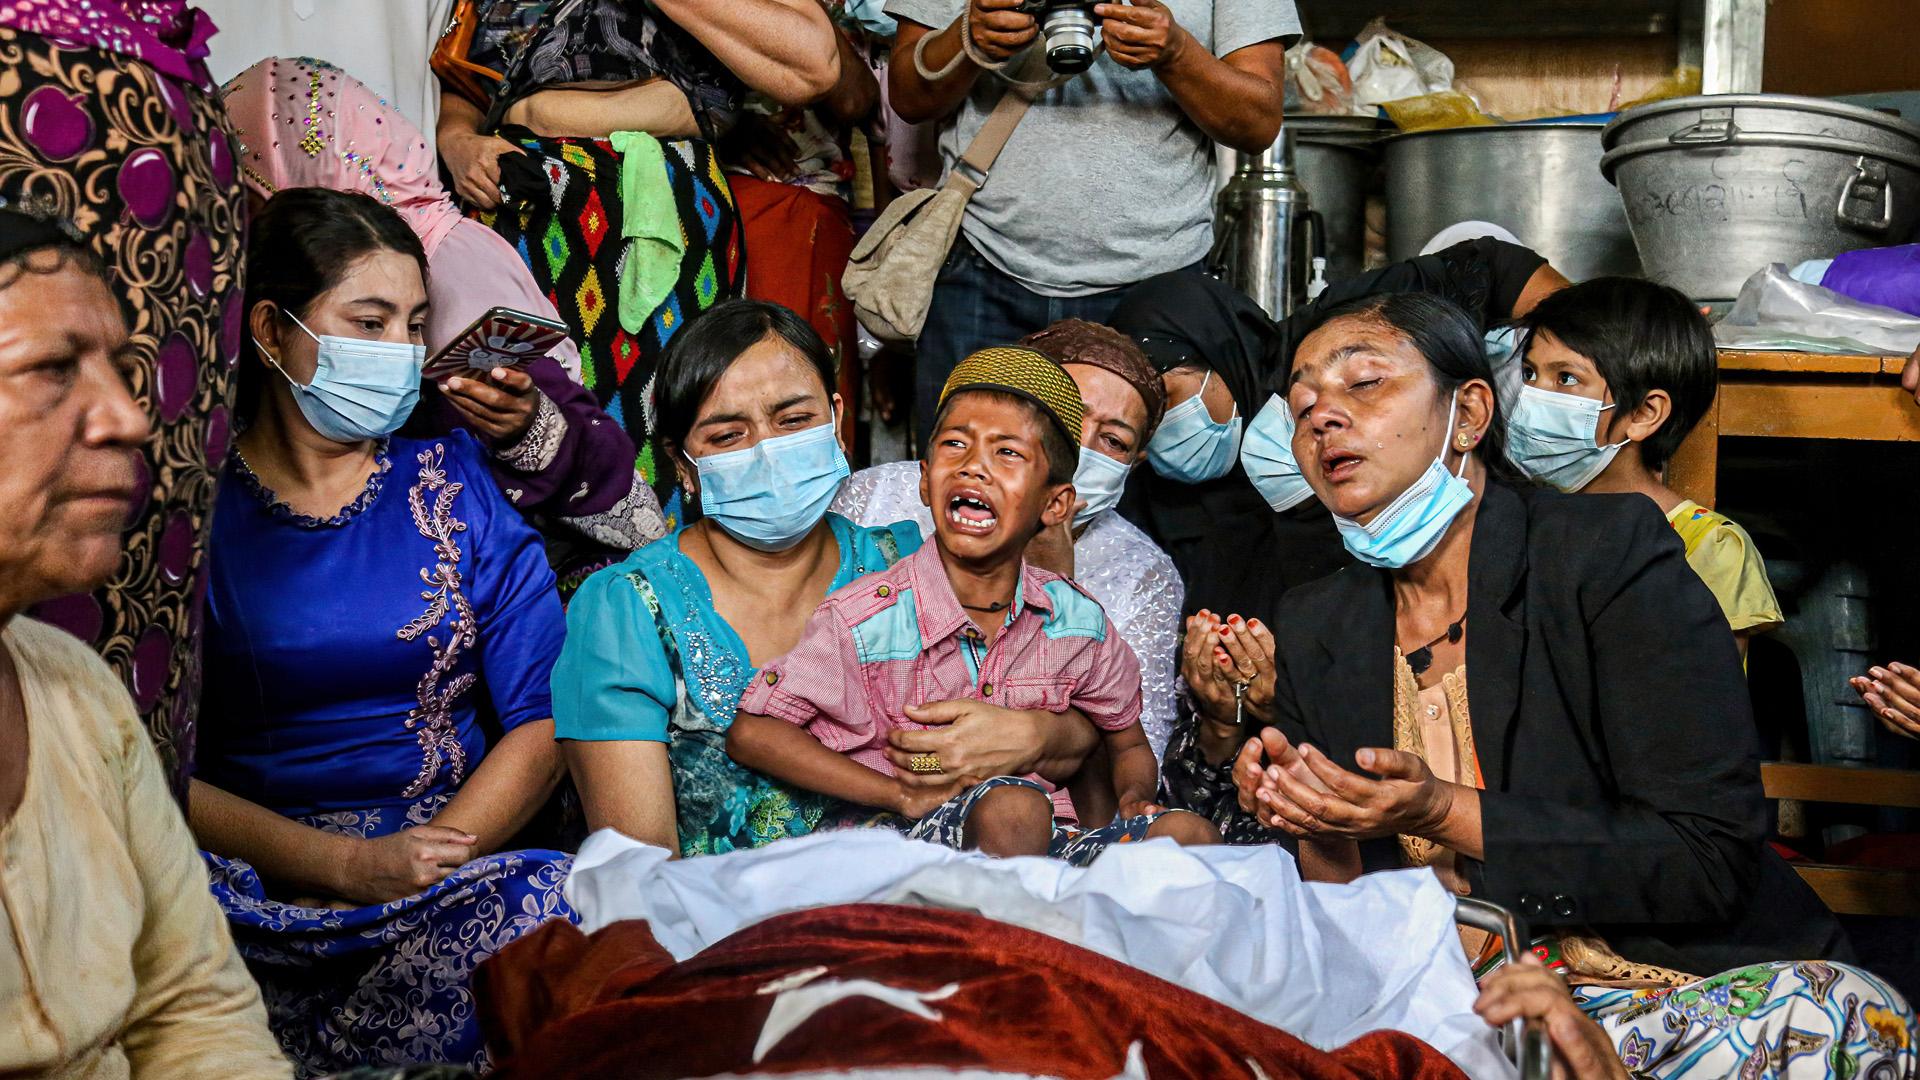 A véres konfliktusoktól terhes országban több száz civil halt meg, köztük gyerekek